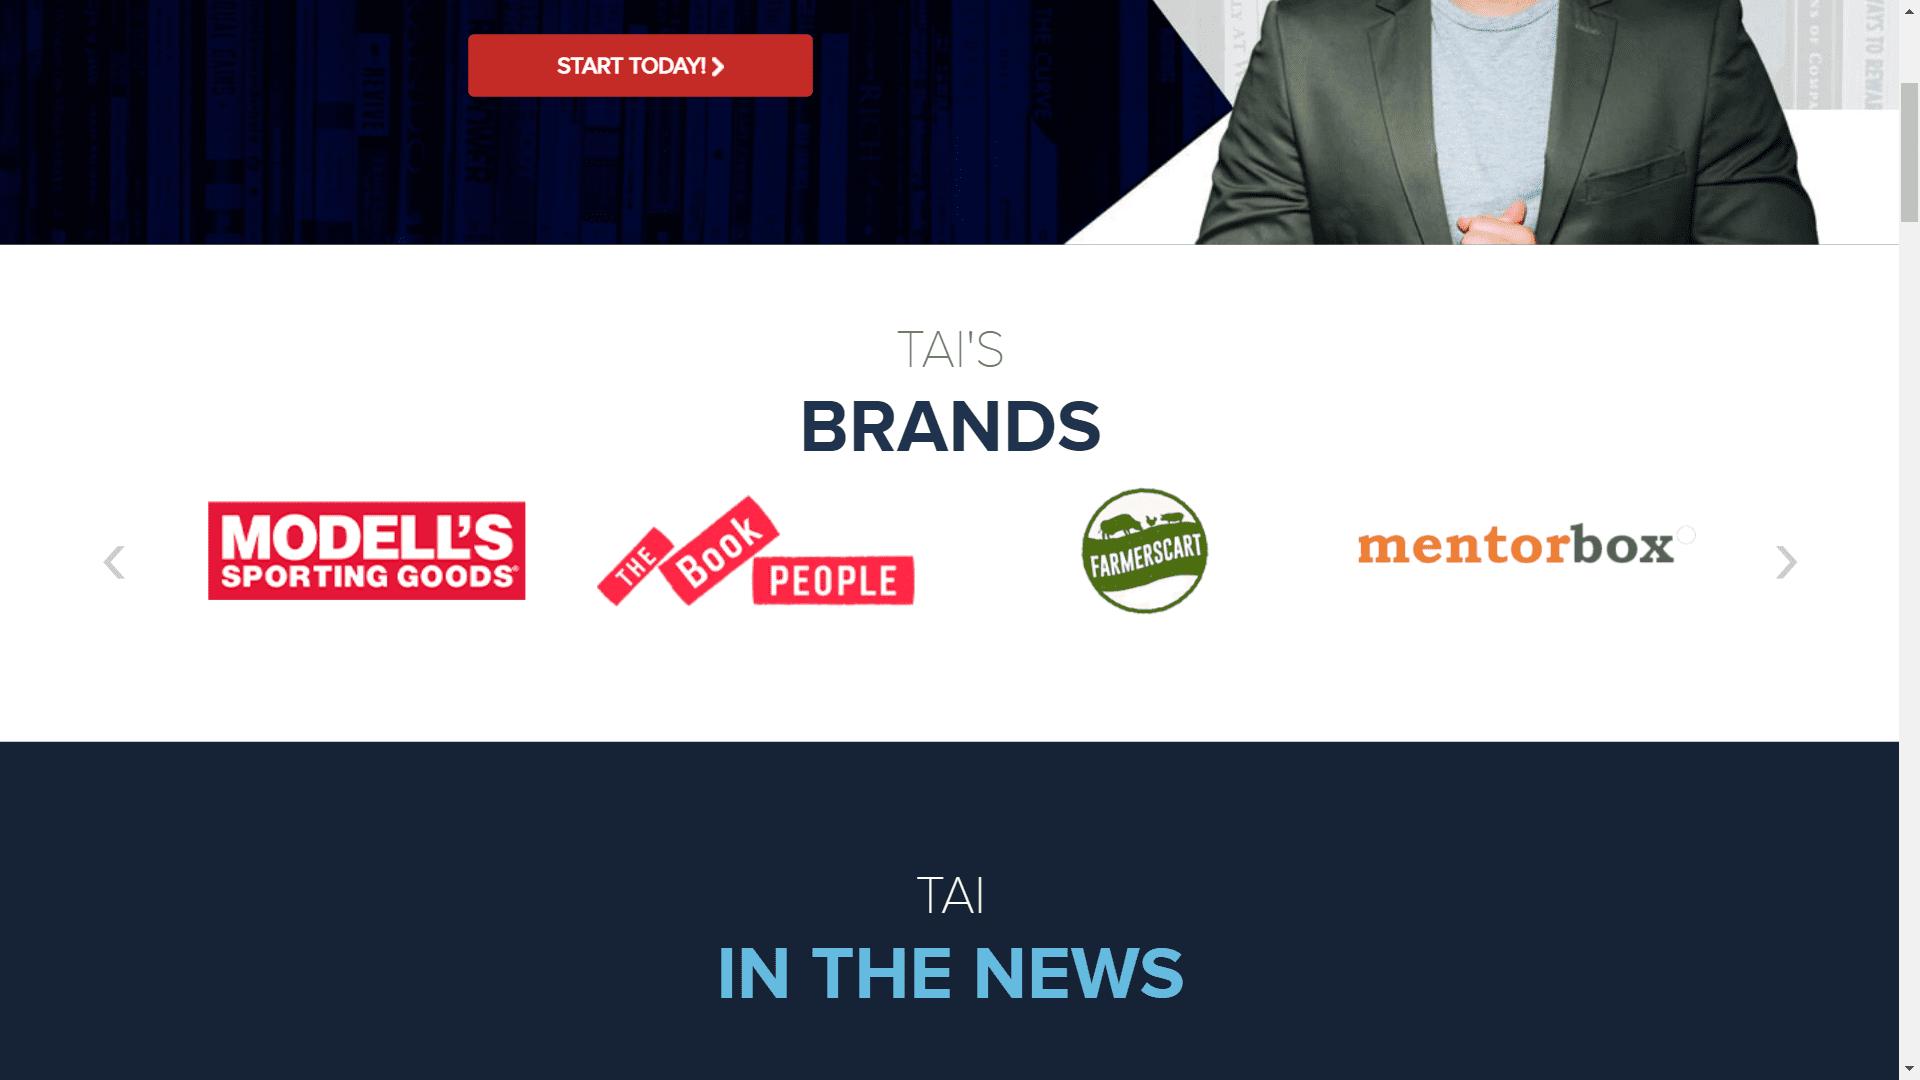 Tai's Brands